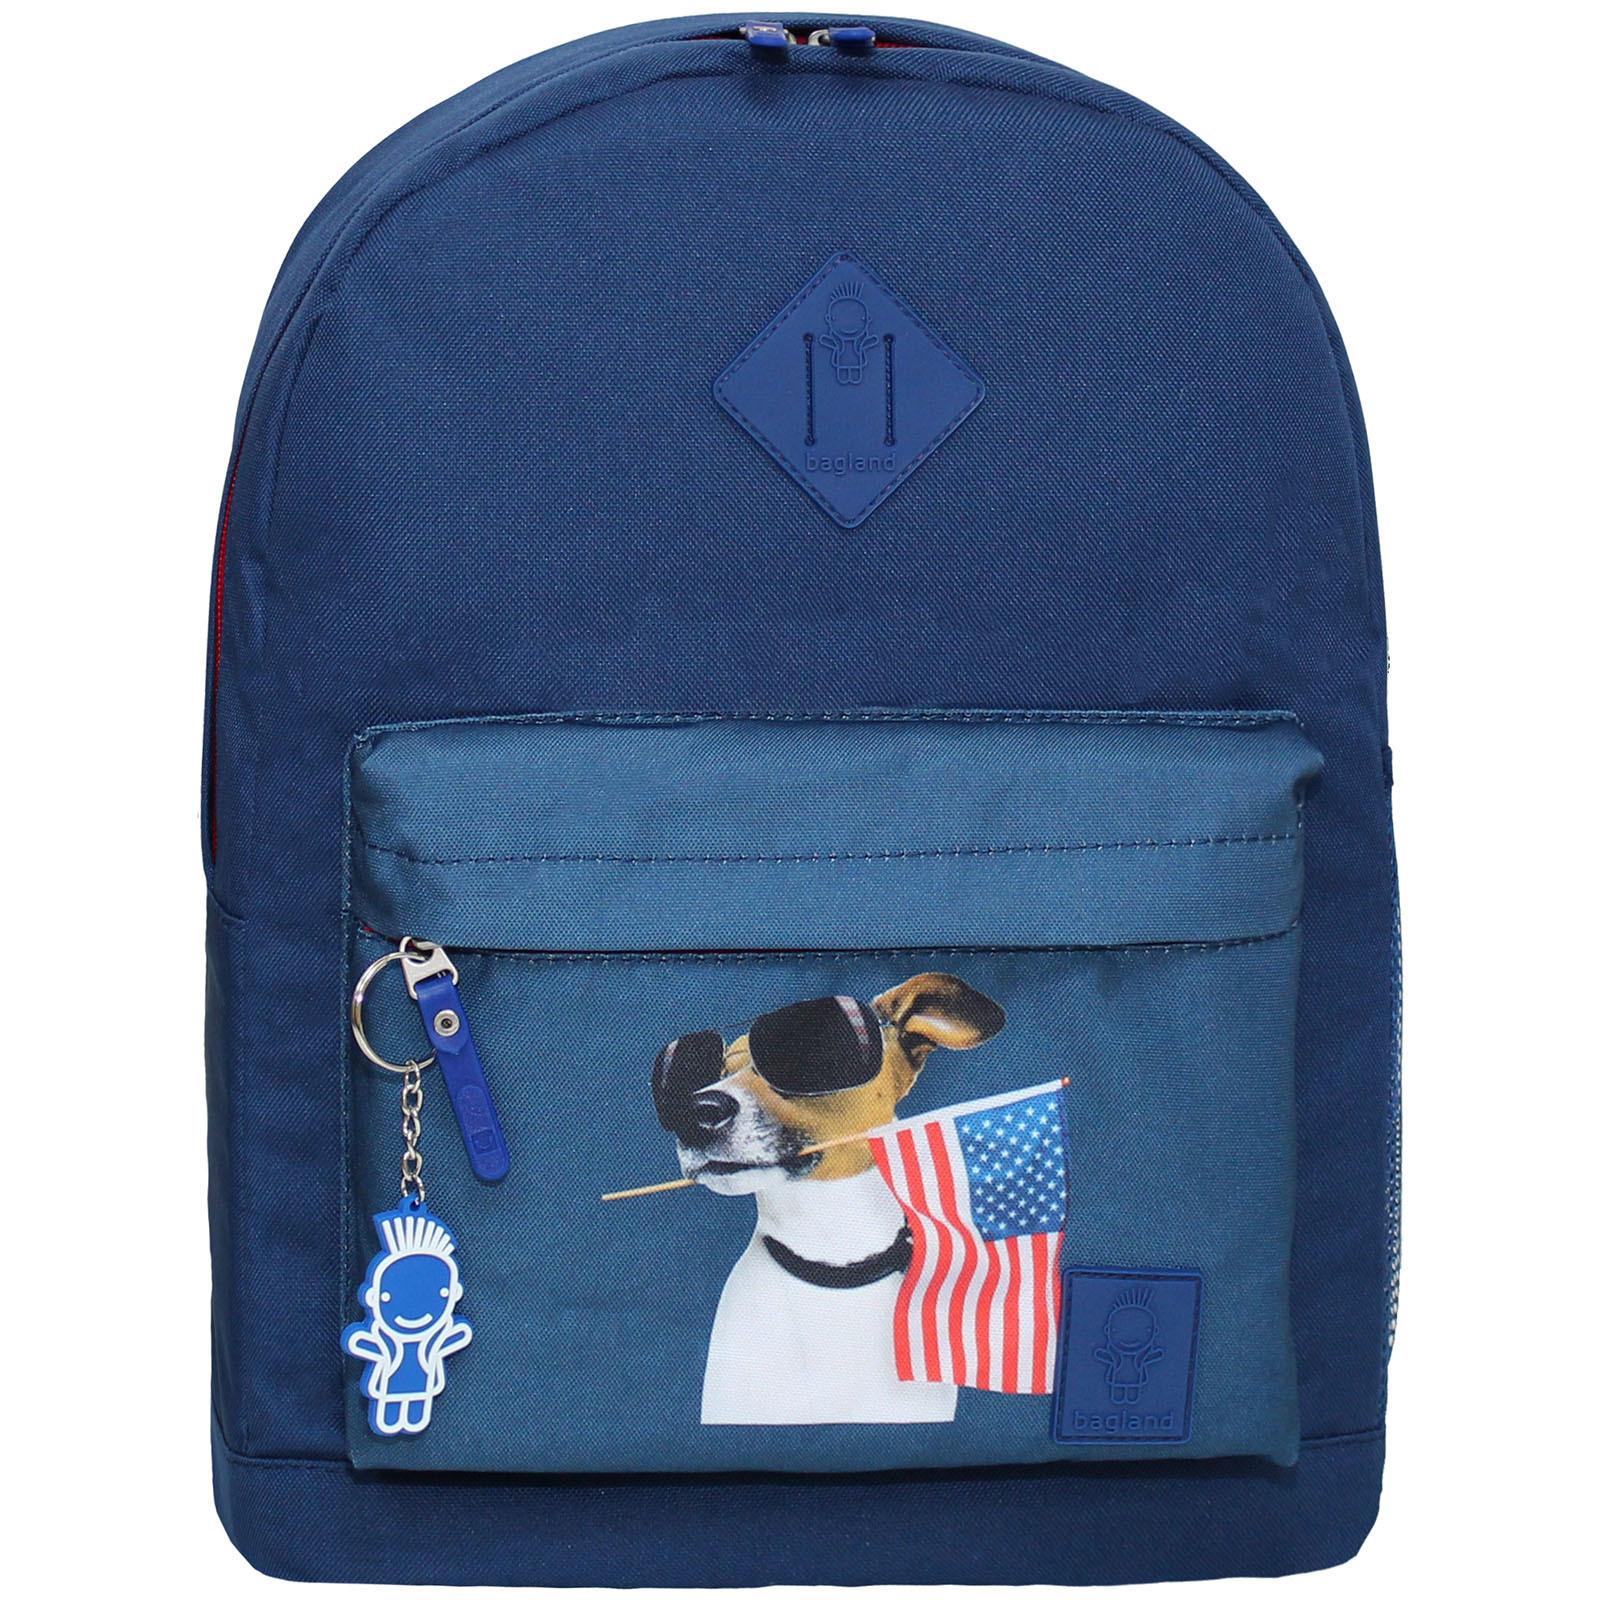 Городские рюкзаки Рюкзак Bagland Молодежный W/R 17 л. синий 161к (00533662) Без_имени-13_161к.jpg